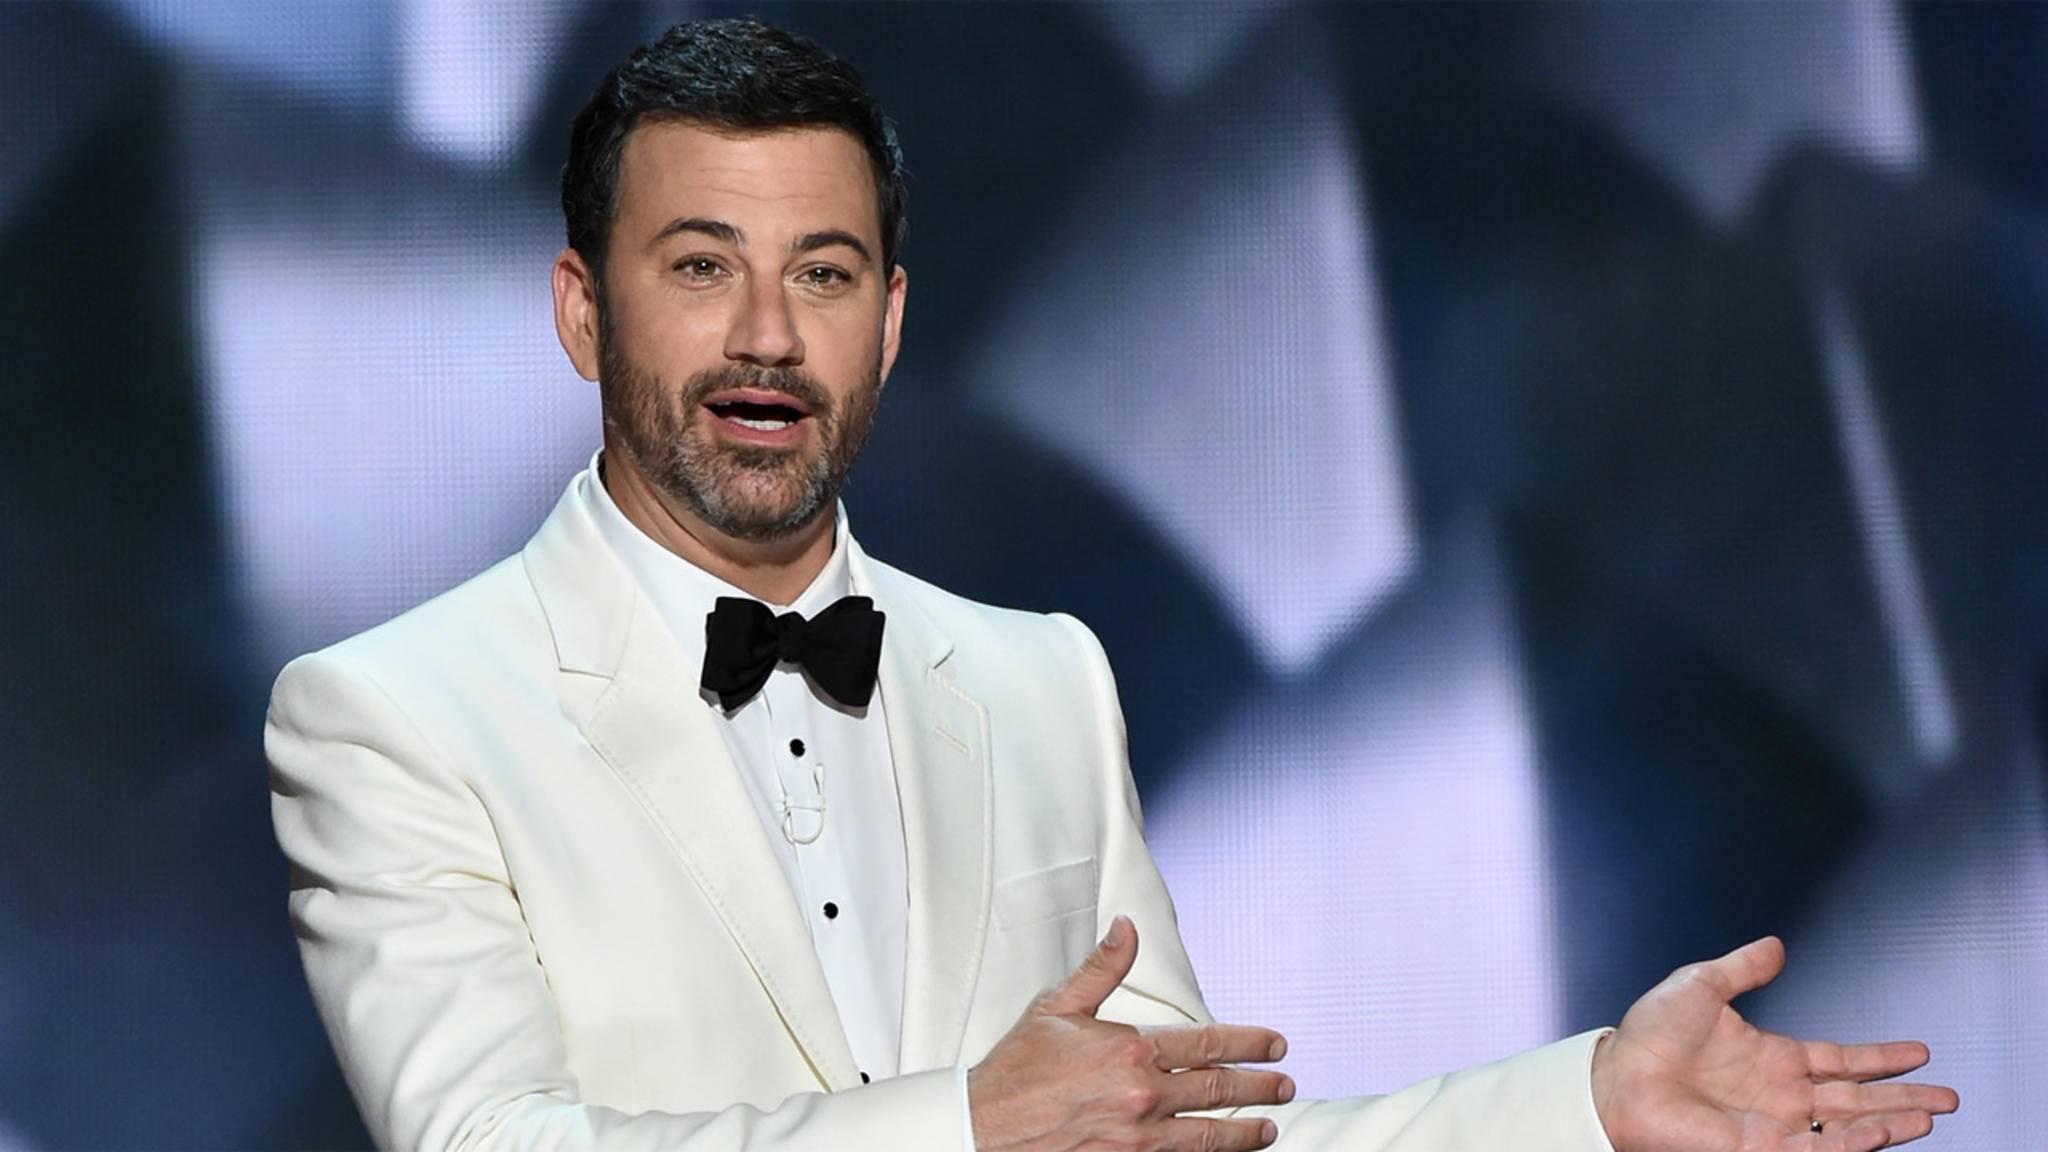 Bekommt Jimmy Kimmel bei den Oscars 2017 zu wenig Gehalt? Darüber kann man wohl streiten...